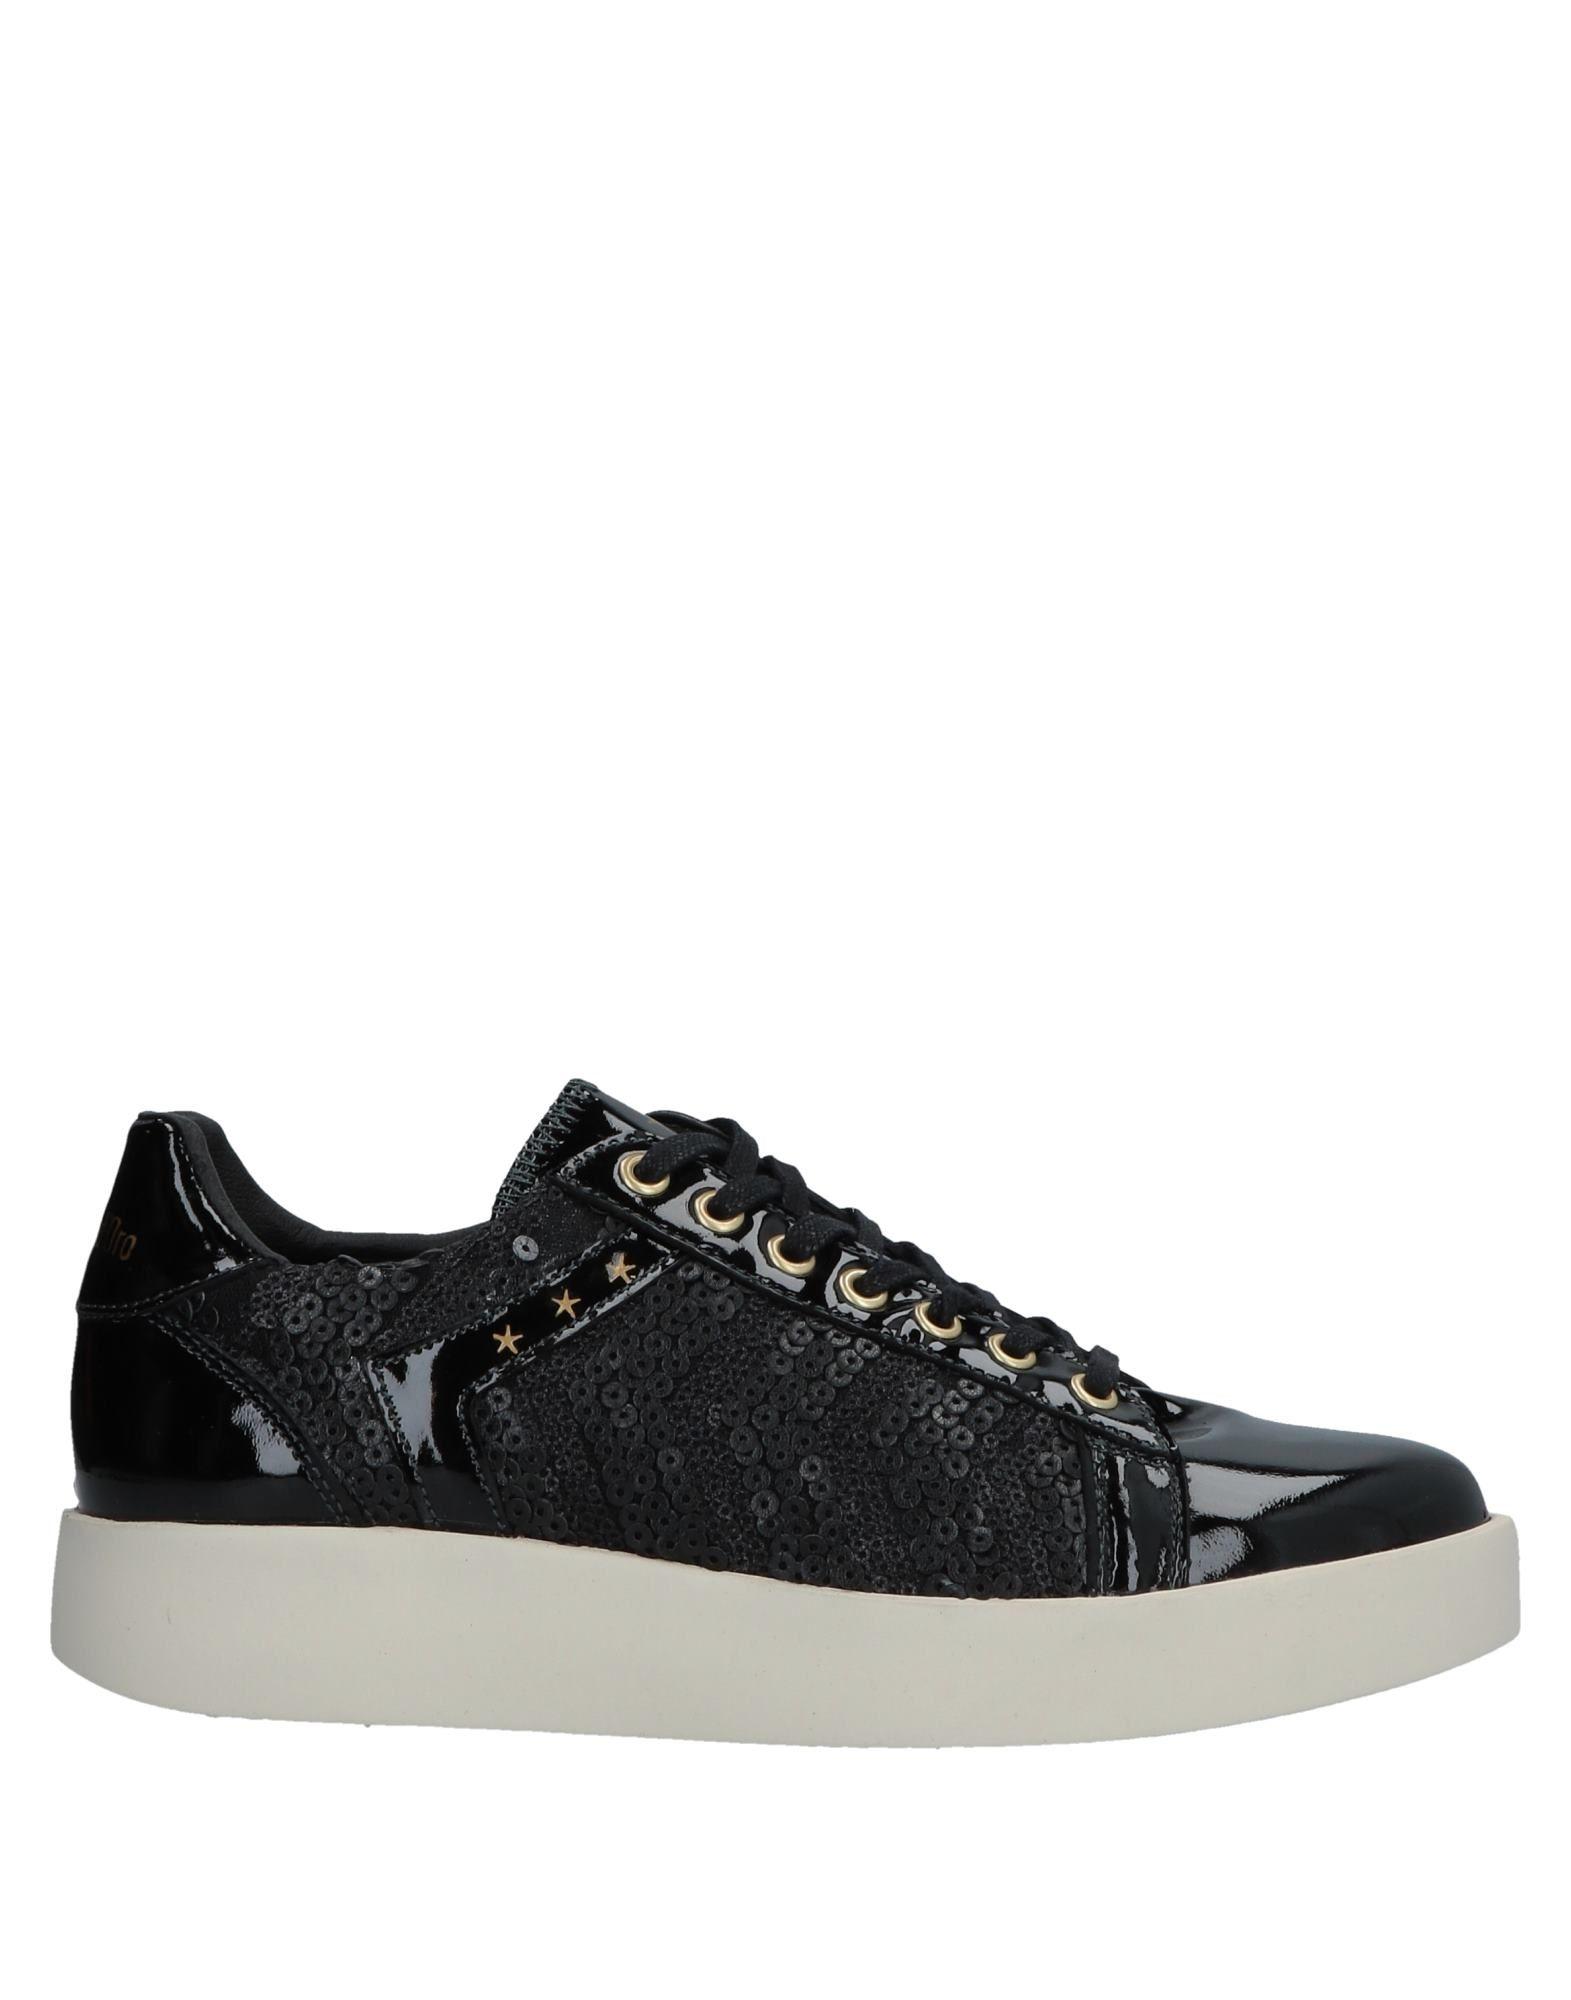 Pantofola D'oro D'oro Sneakers - Women Pantofola D'oro D'oro Sneakers online on  United Kingdom - 11569957BH 09f675